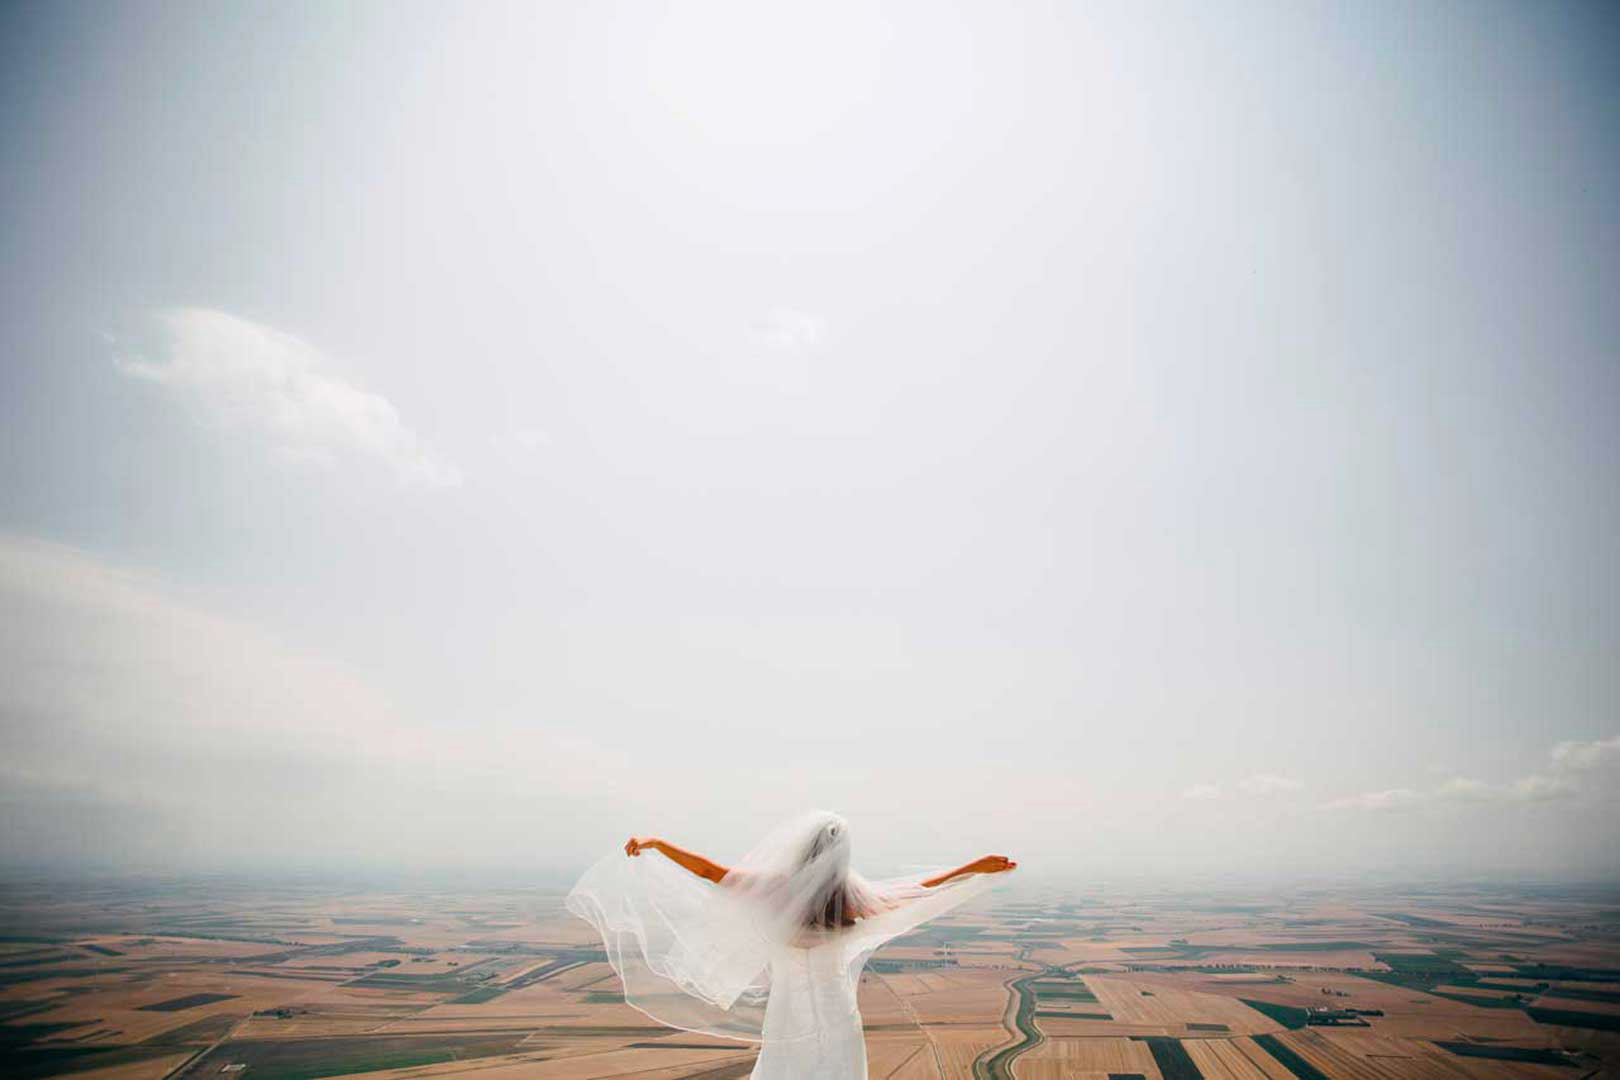 022-sposa-rignano-gianni-lepore-fotografo